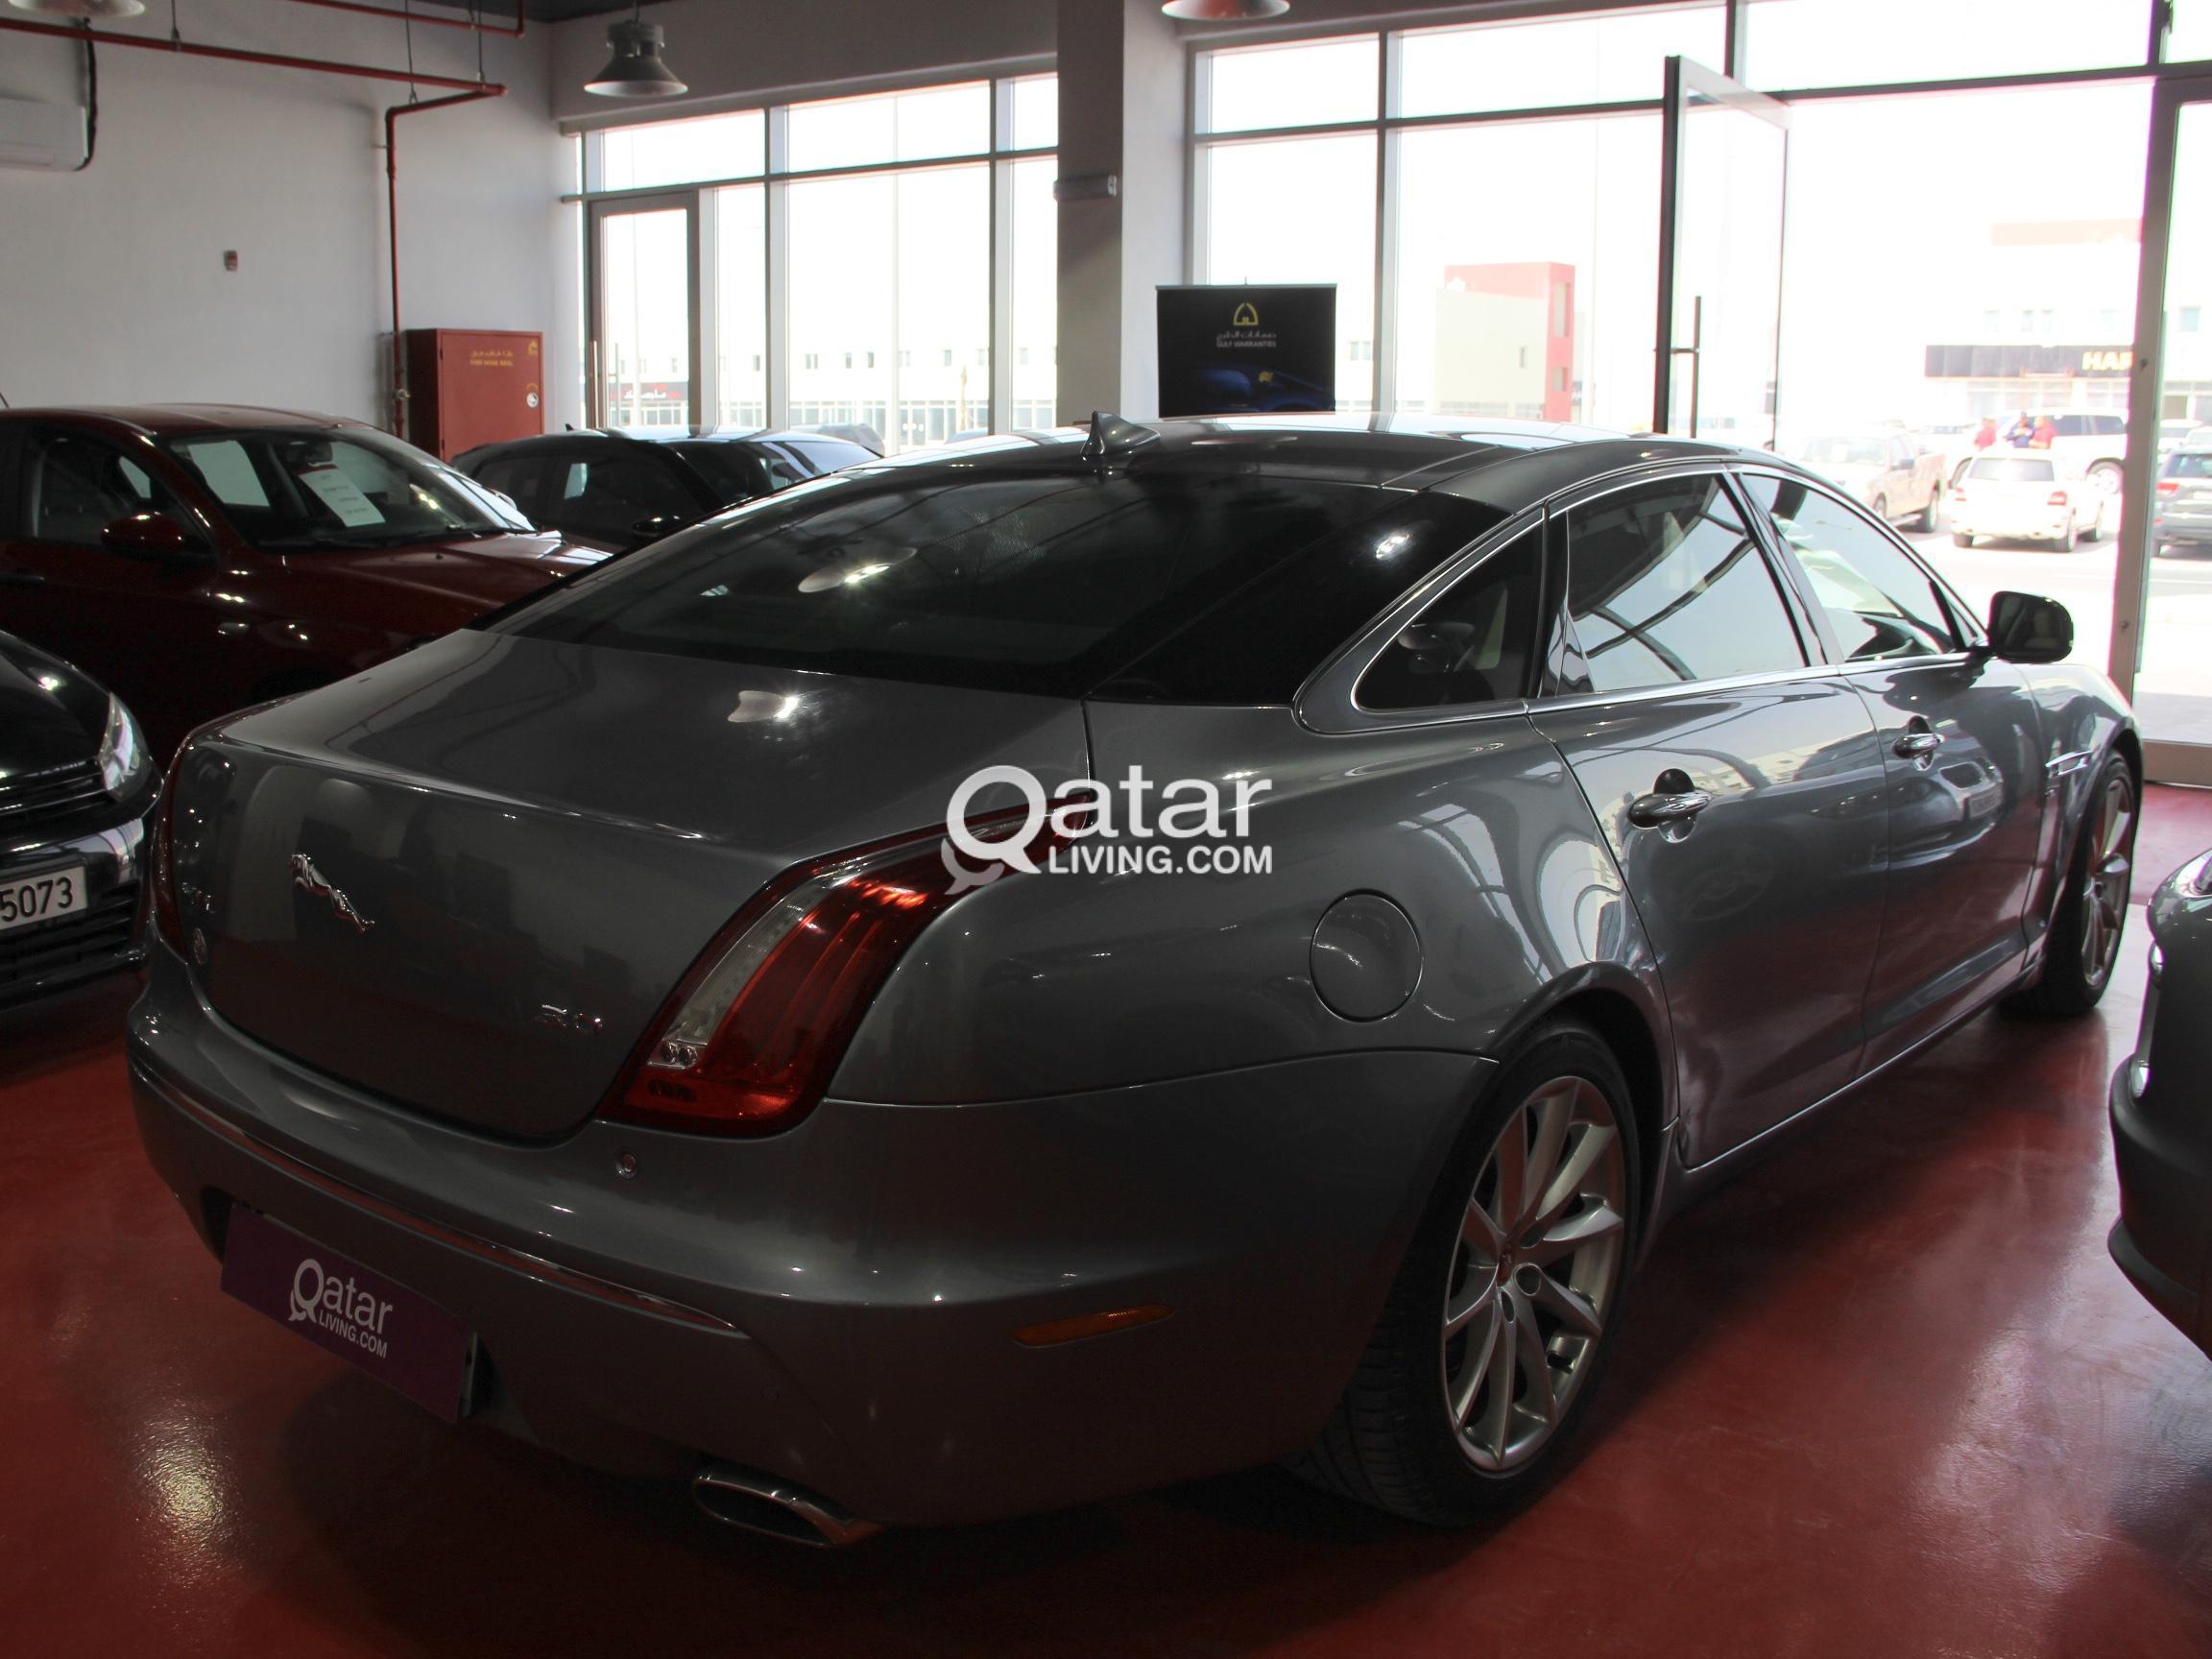 gray lot auto in copart en view sale destruction online los xjl ca angeles of portfo on certificate left auctions carfinder jaguar